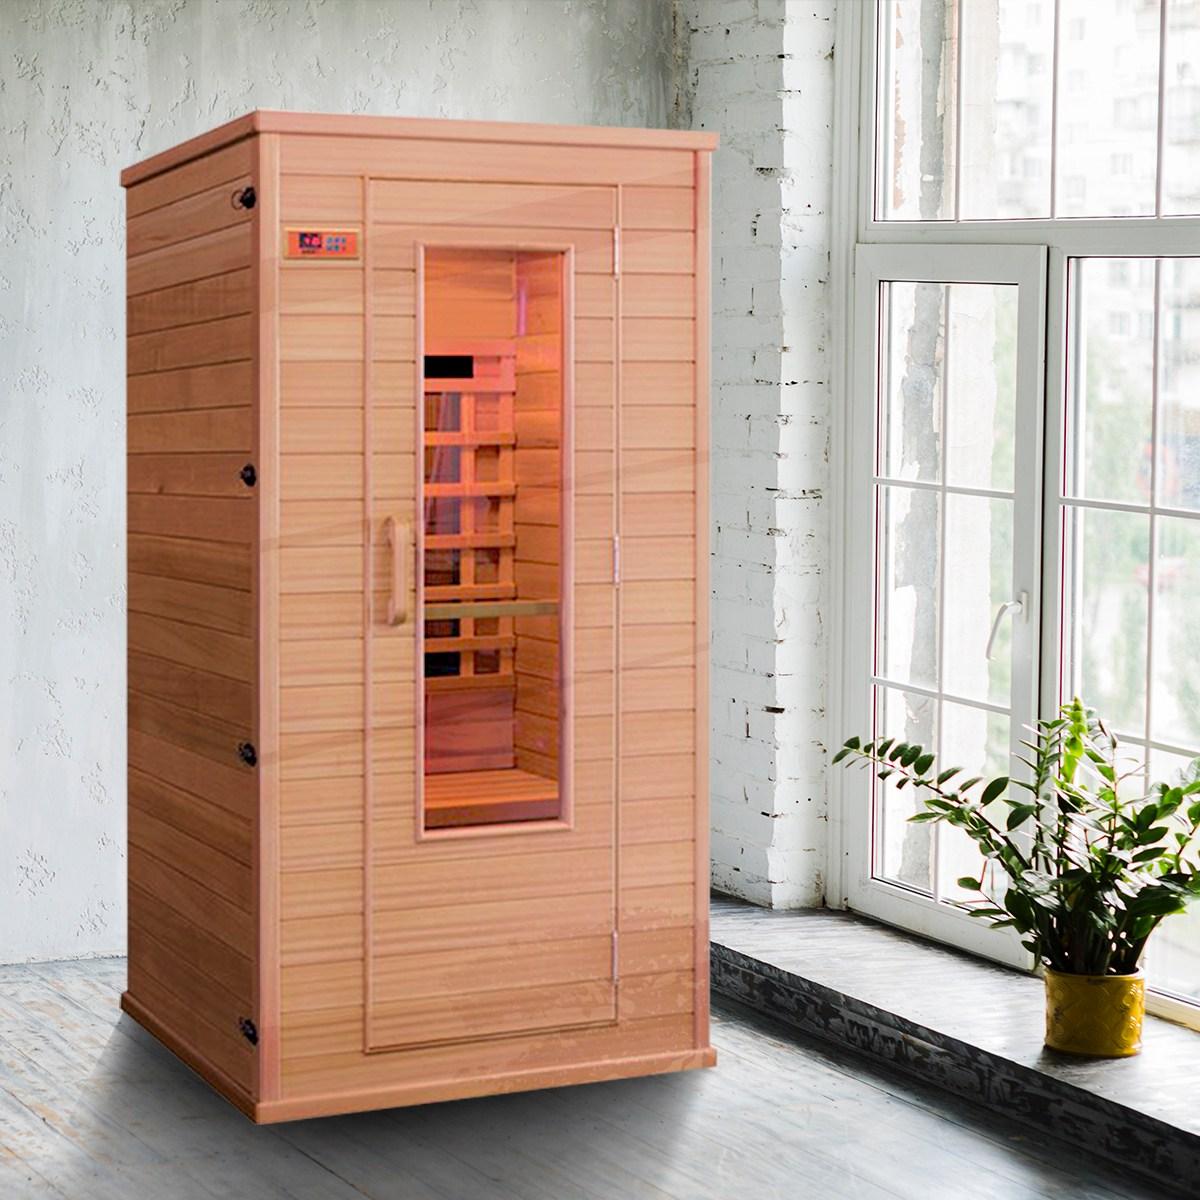 리치하우징 1인용 건식 찜질방 개인 사우나 반신욕기 가정용 좌훈 전신사우나 이동식 원적외선 100, 오렌지